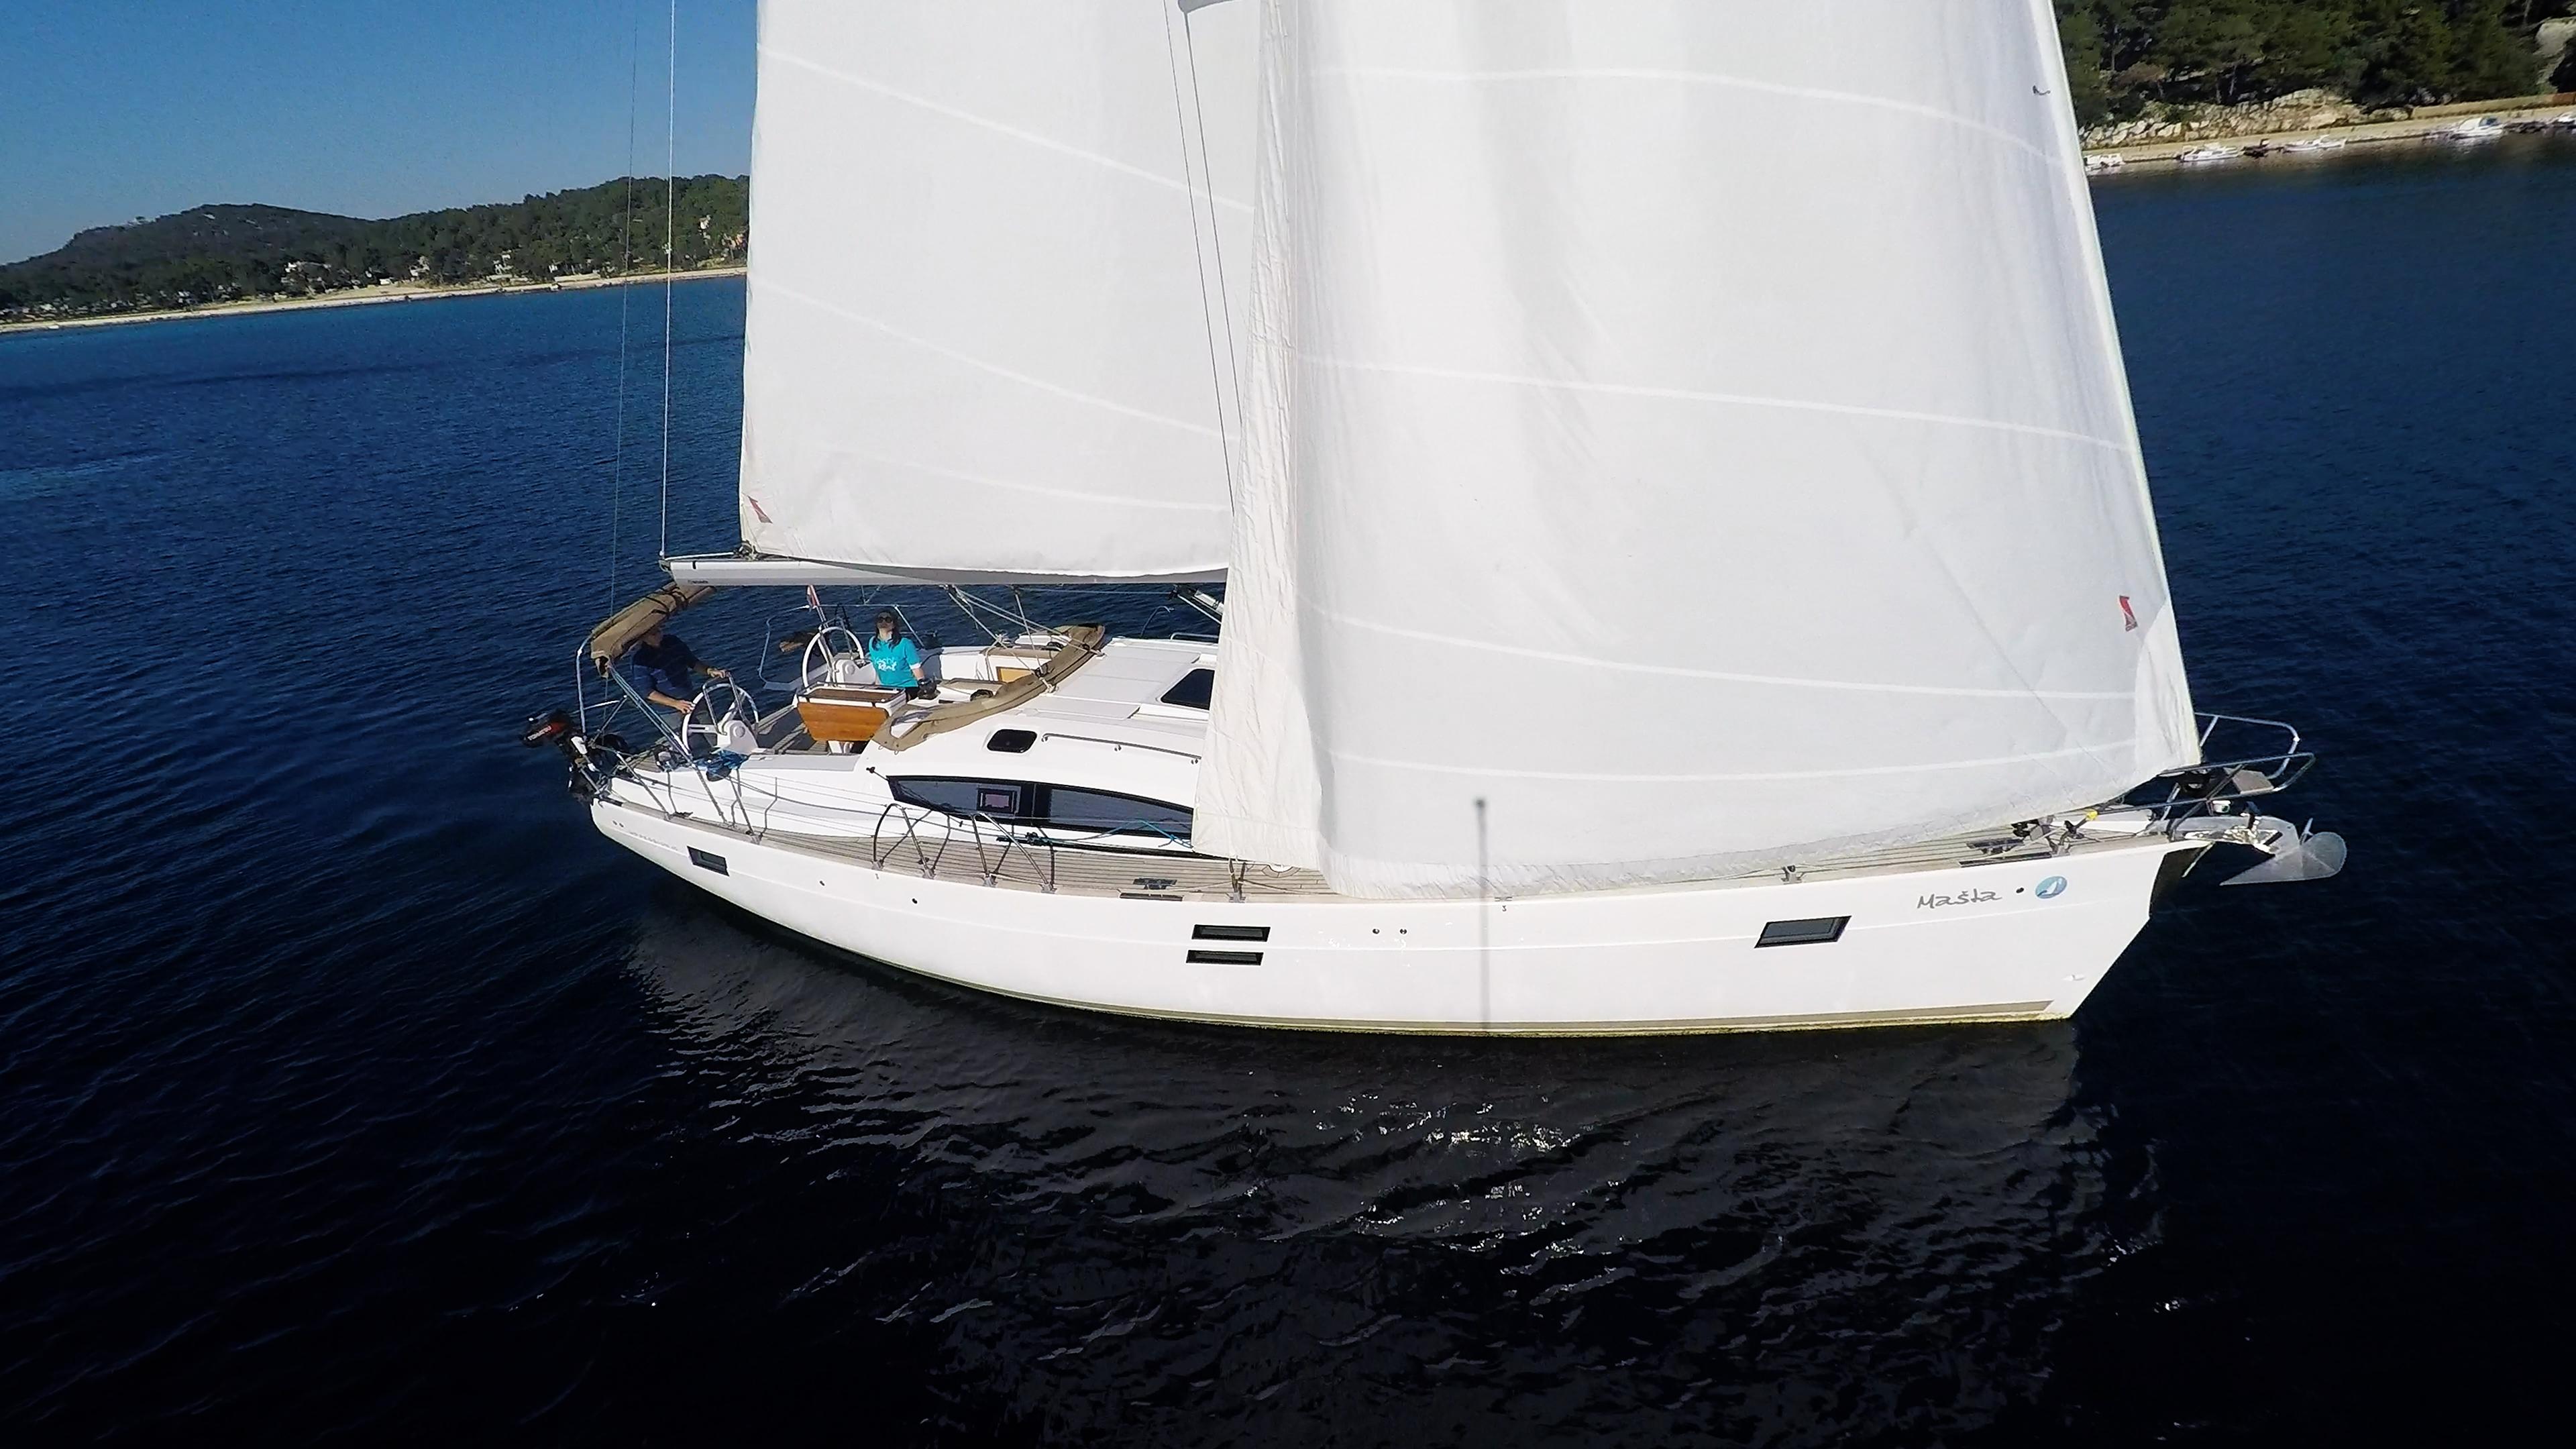 bateau à voile coque côté bateau à voile elan 45 impression voiliers voiles